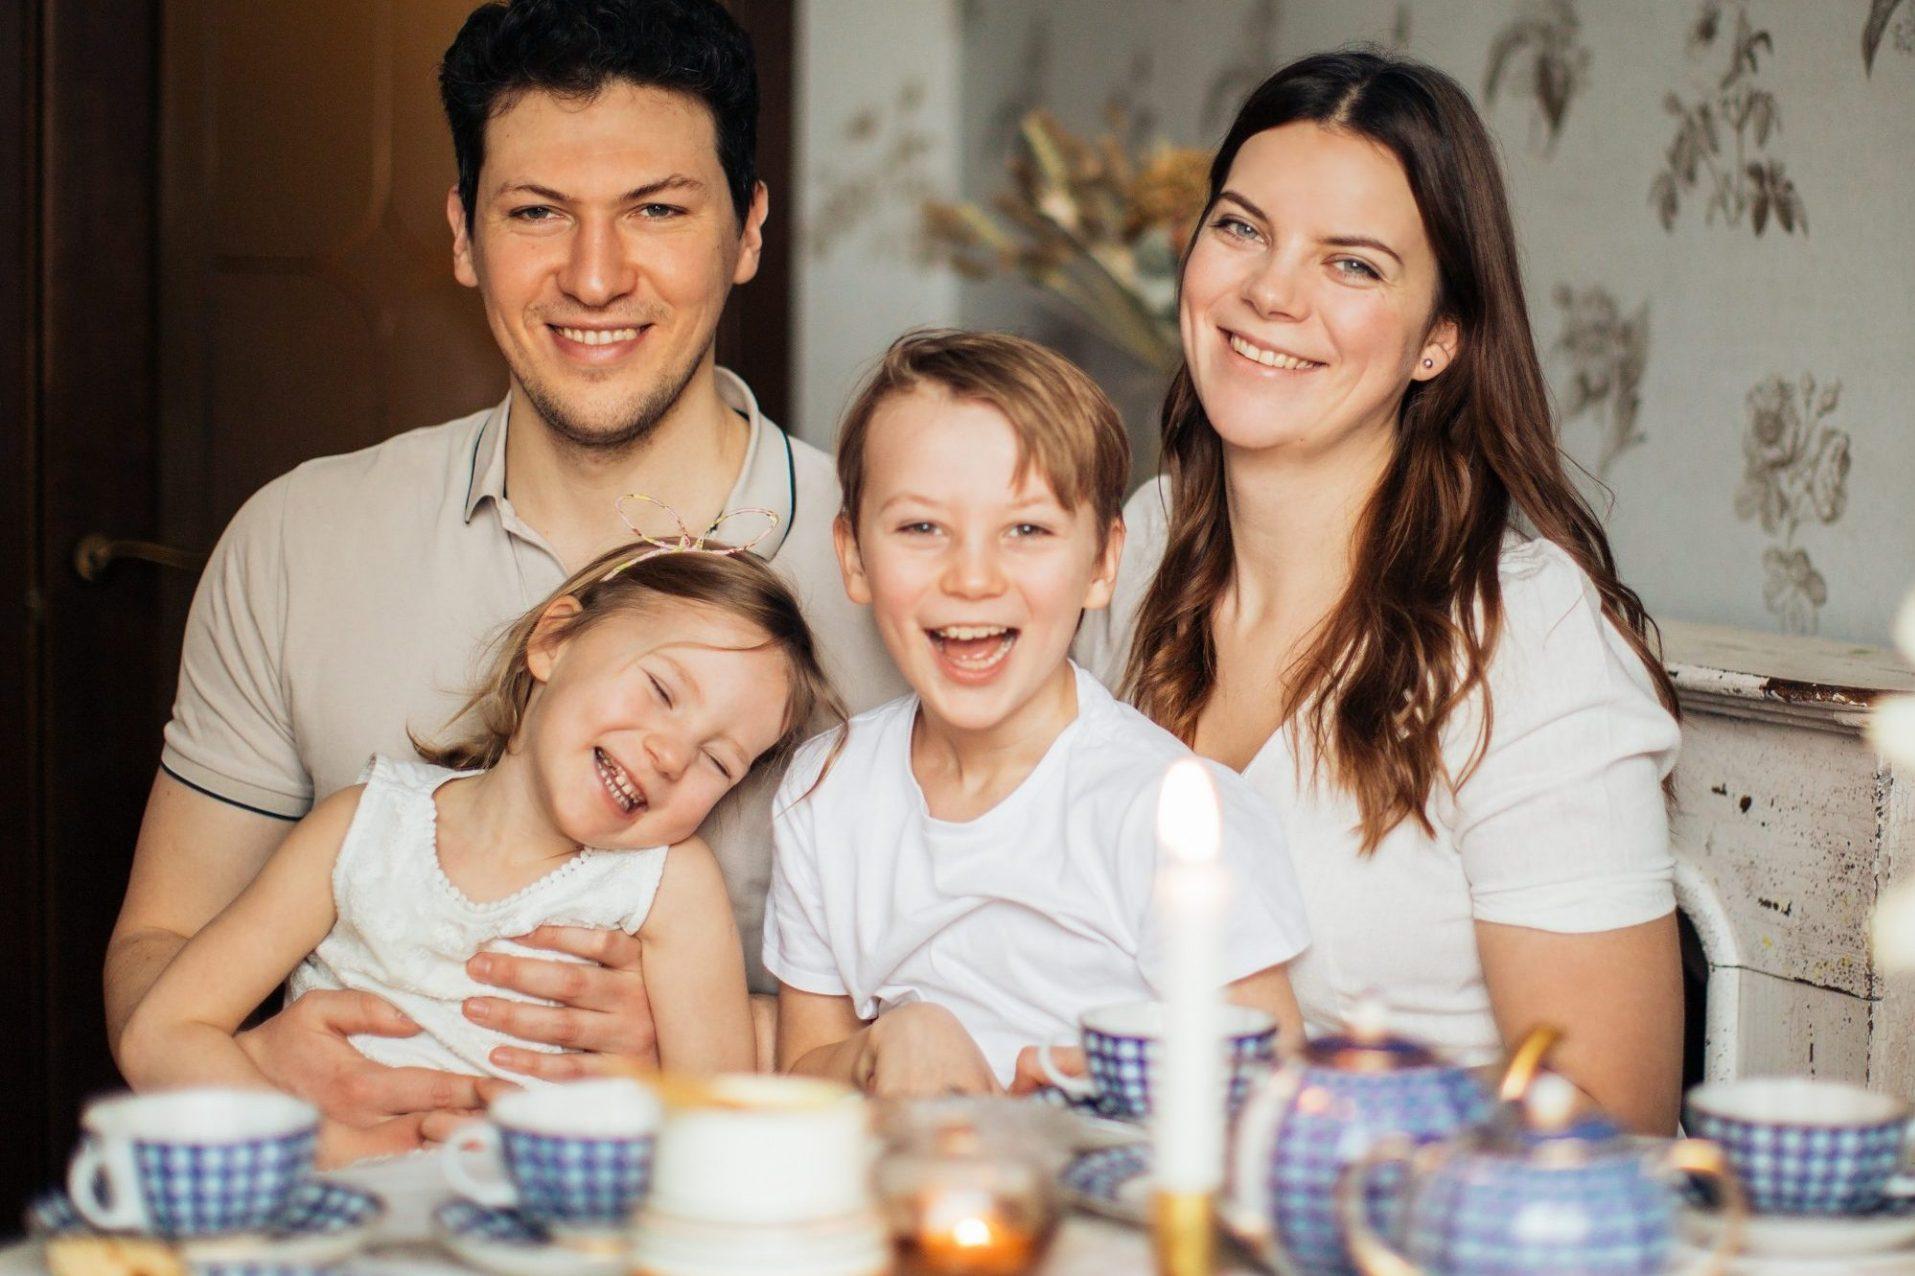 happy-family-having-tea-in-morning-time-3807572